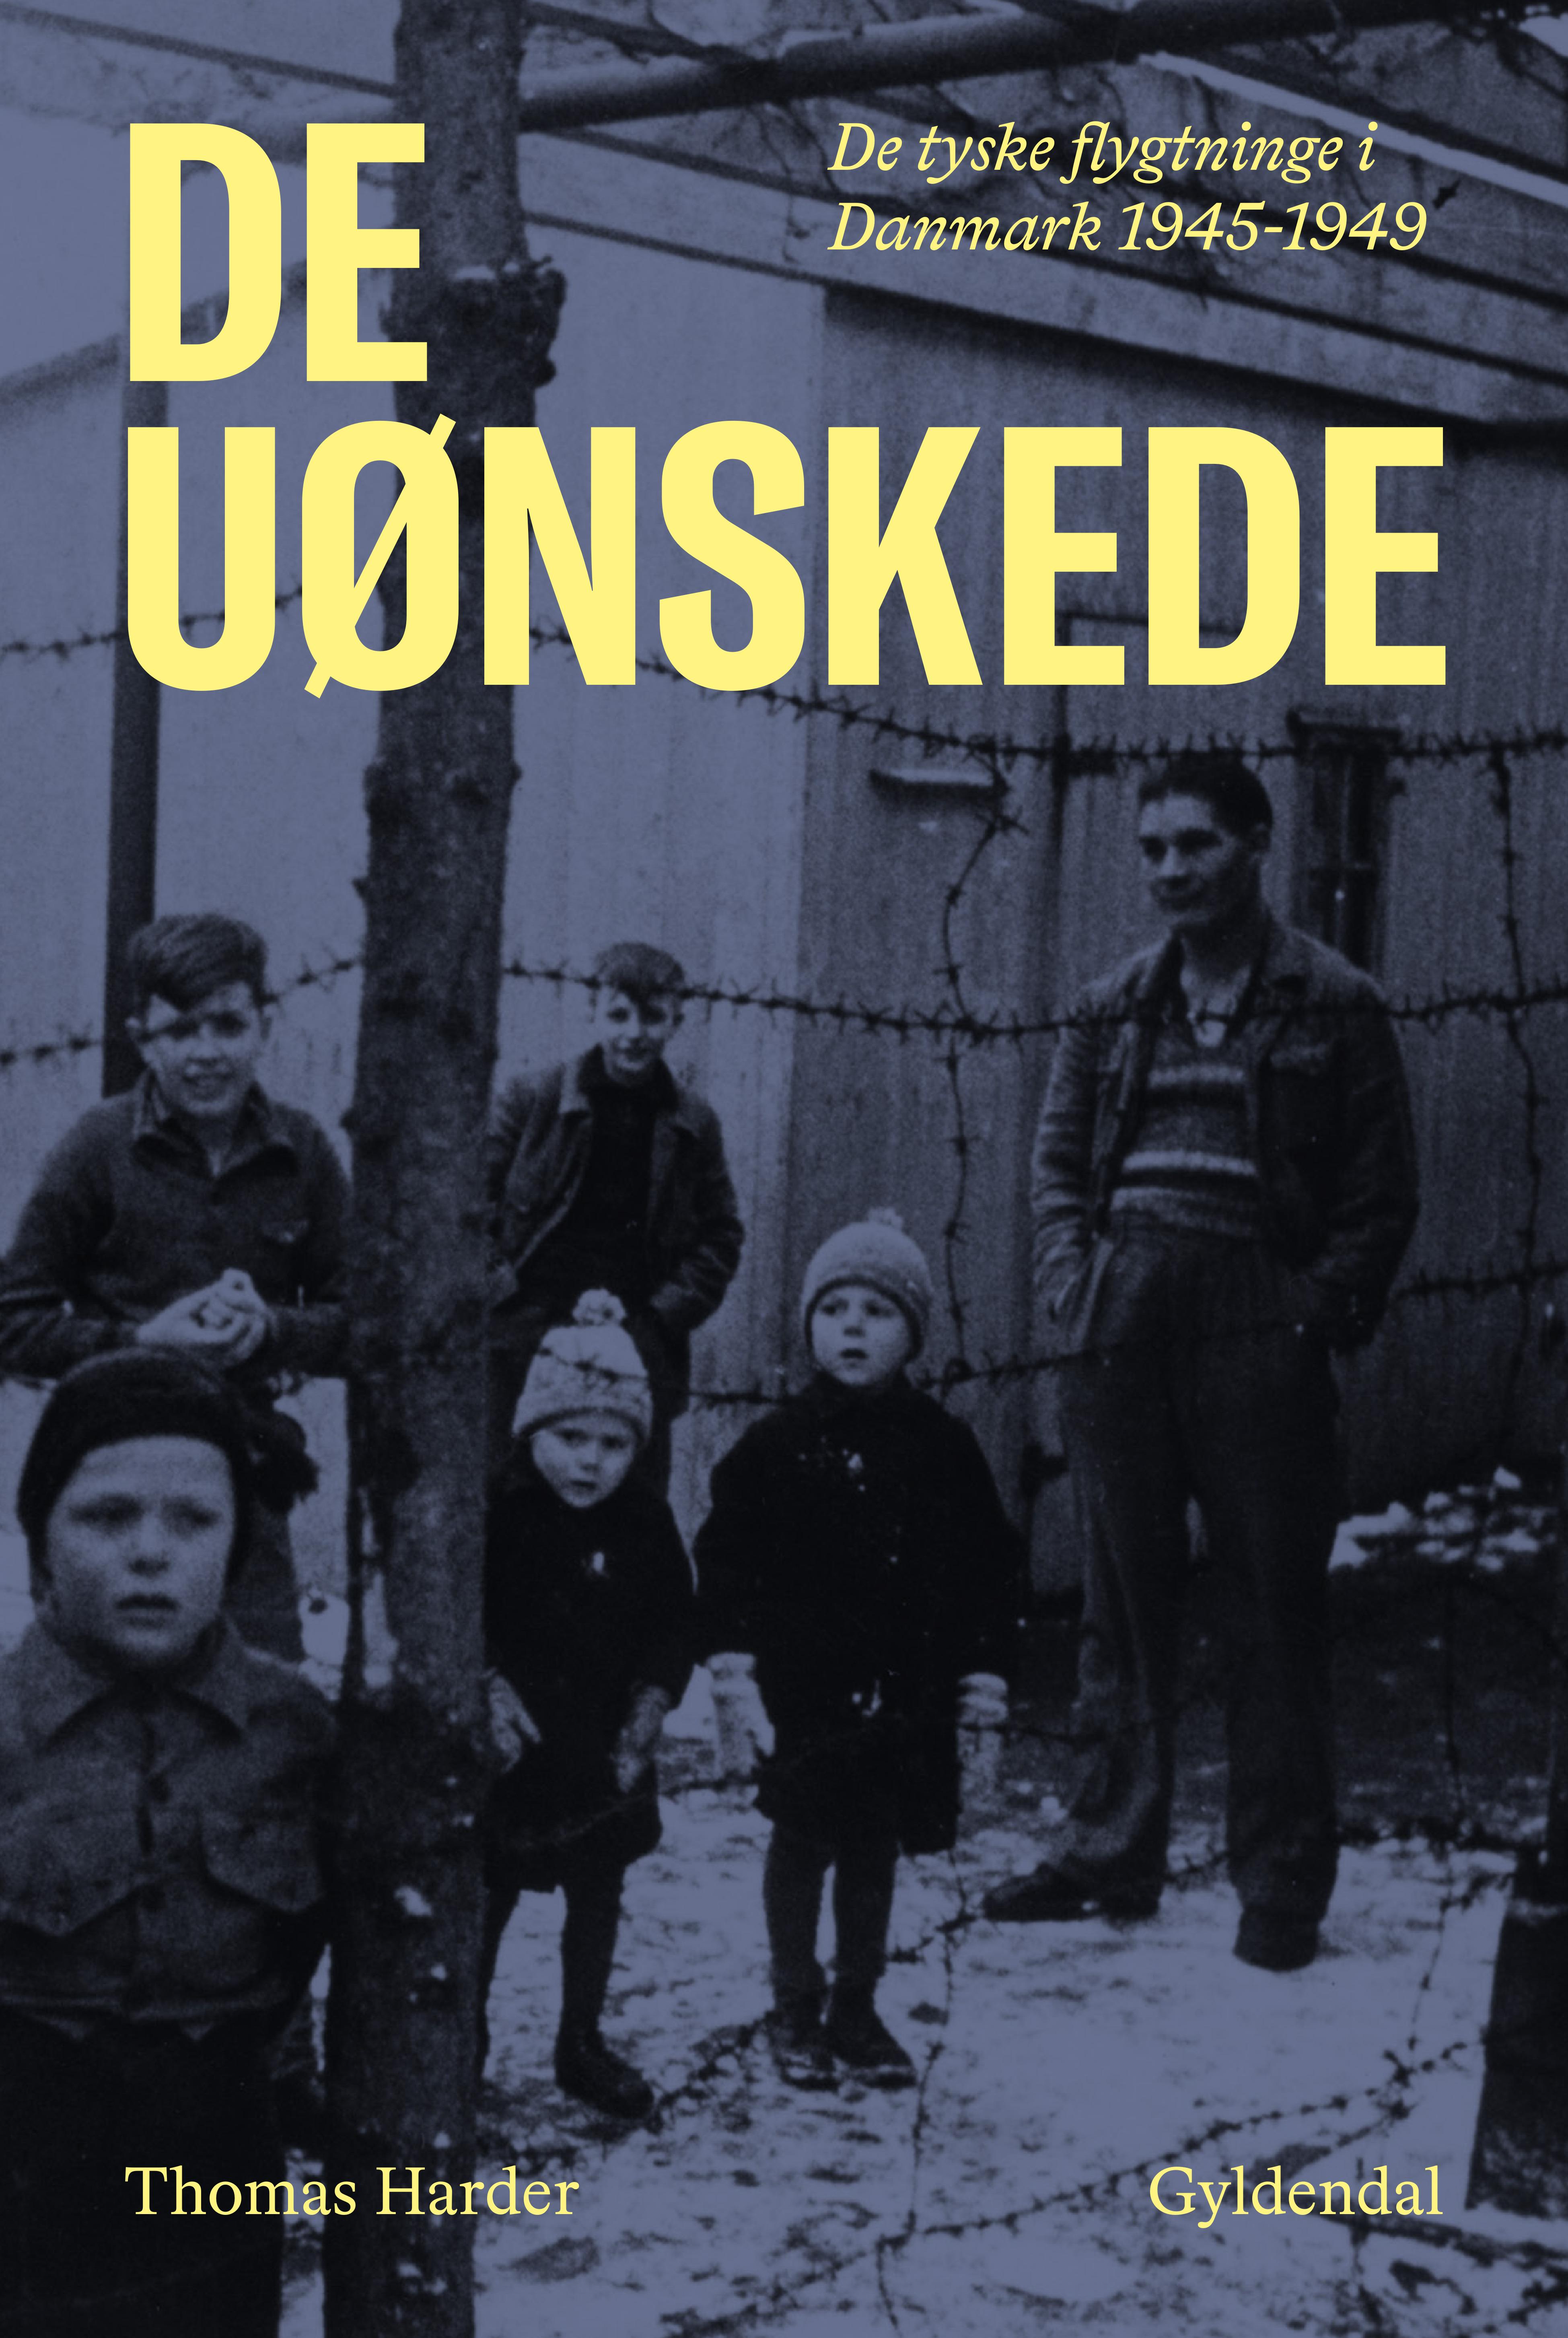 De uønskede - Thomas Harder - Bøger - Gyldendal - 9788702250602 - September 22, 2020